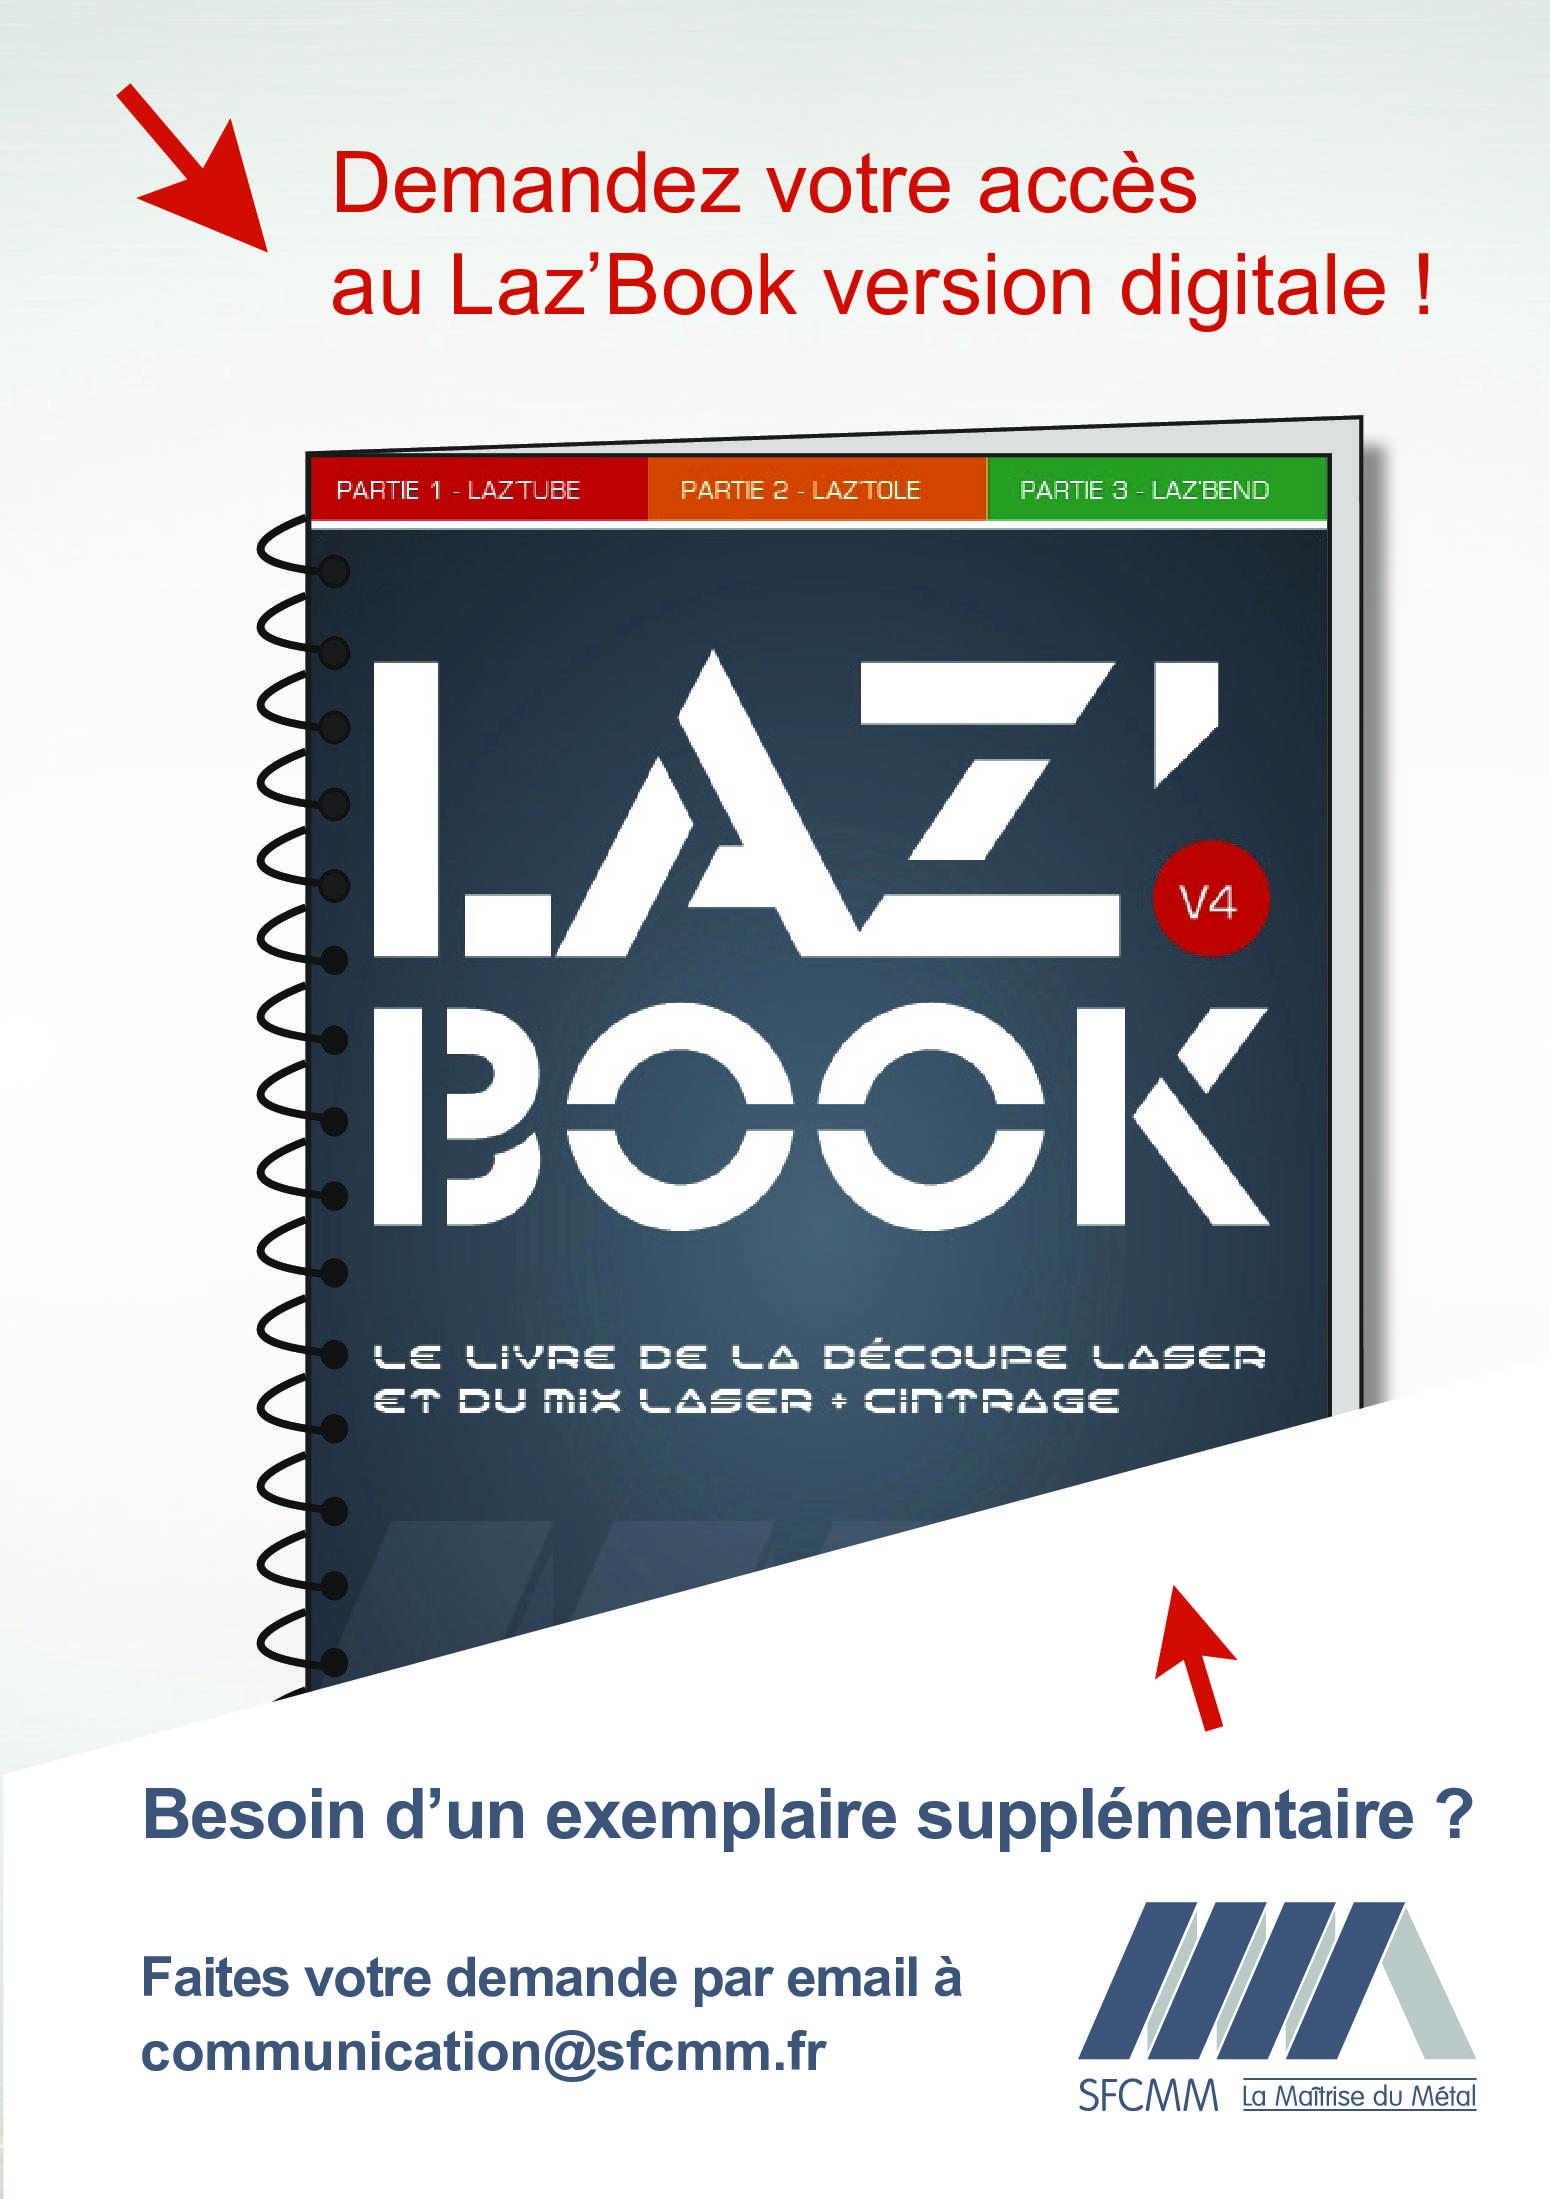 Laz'Book, le livre de la découpe laser et du mix Laser + Cintrage